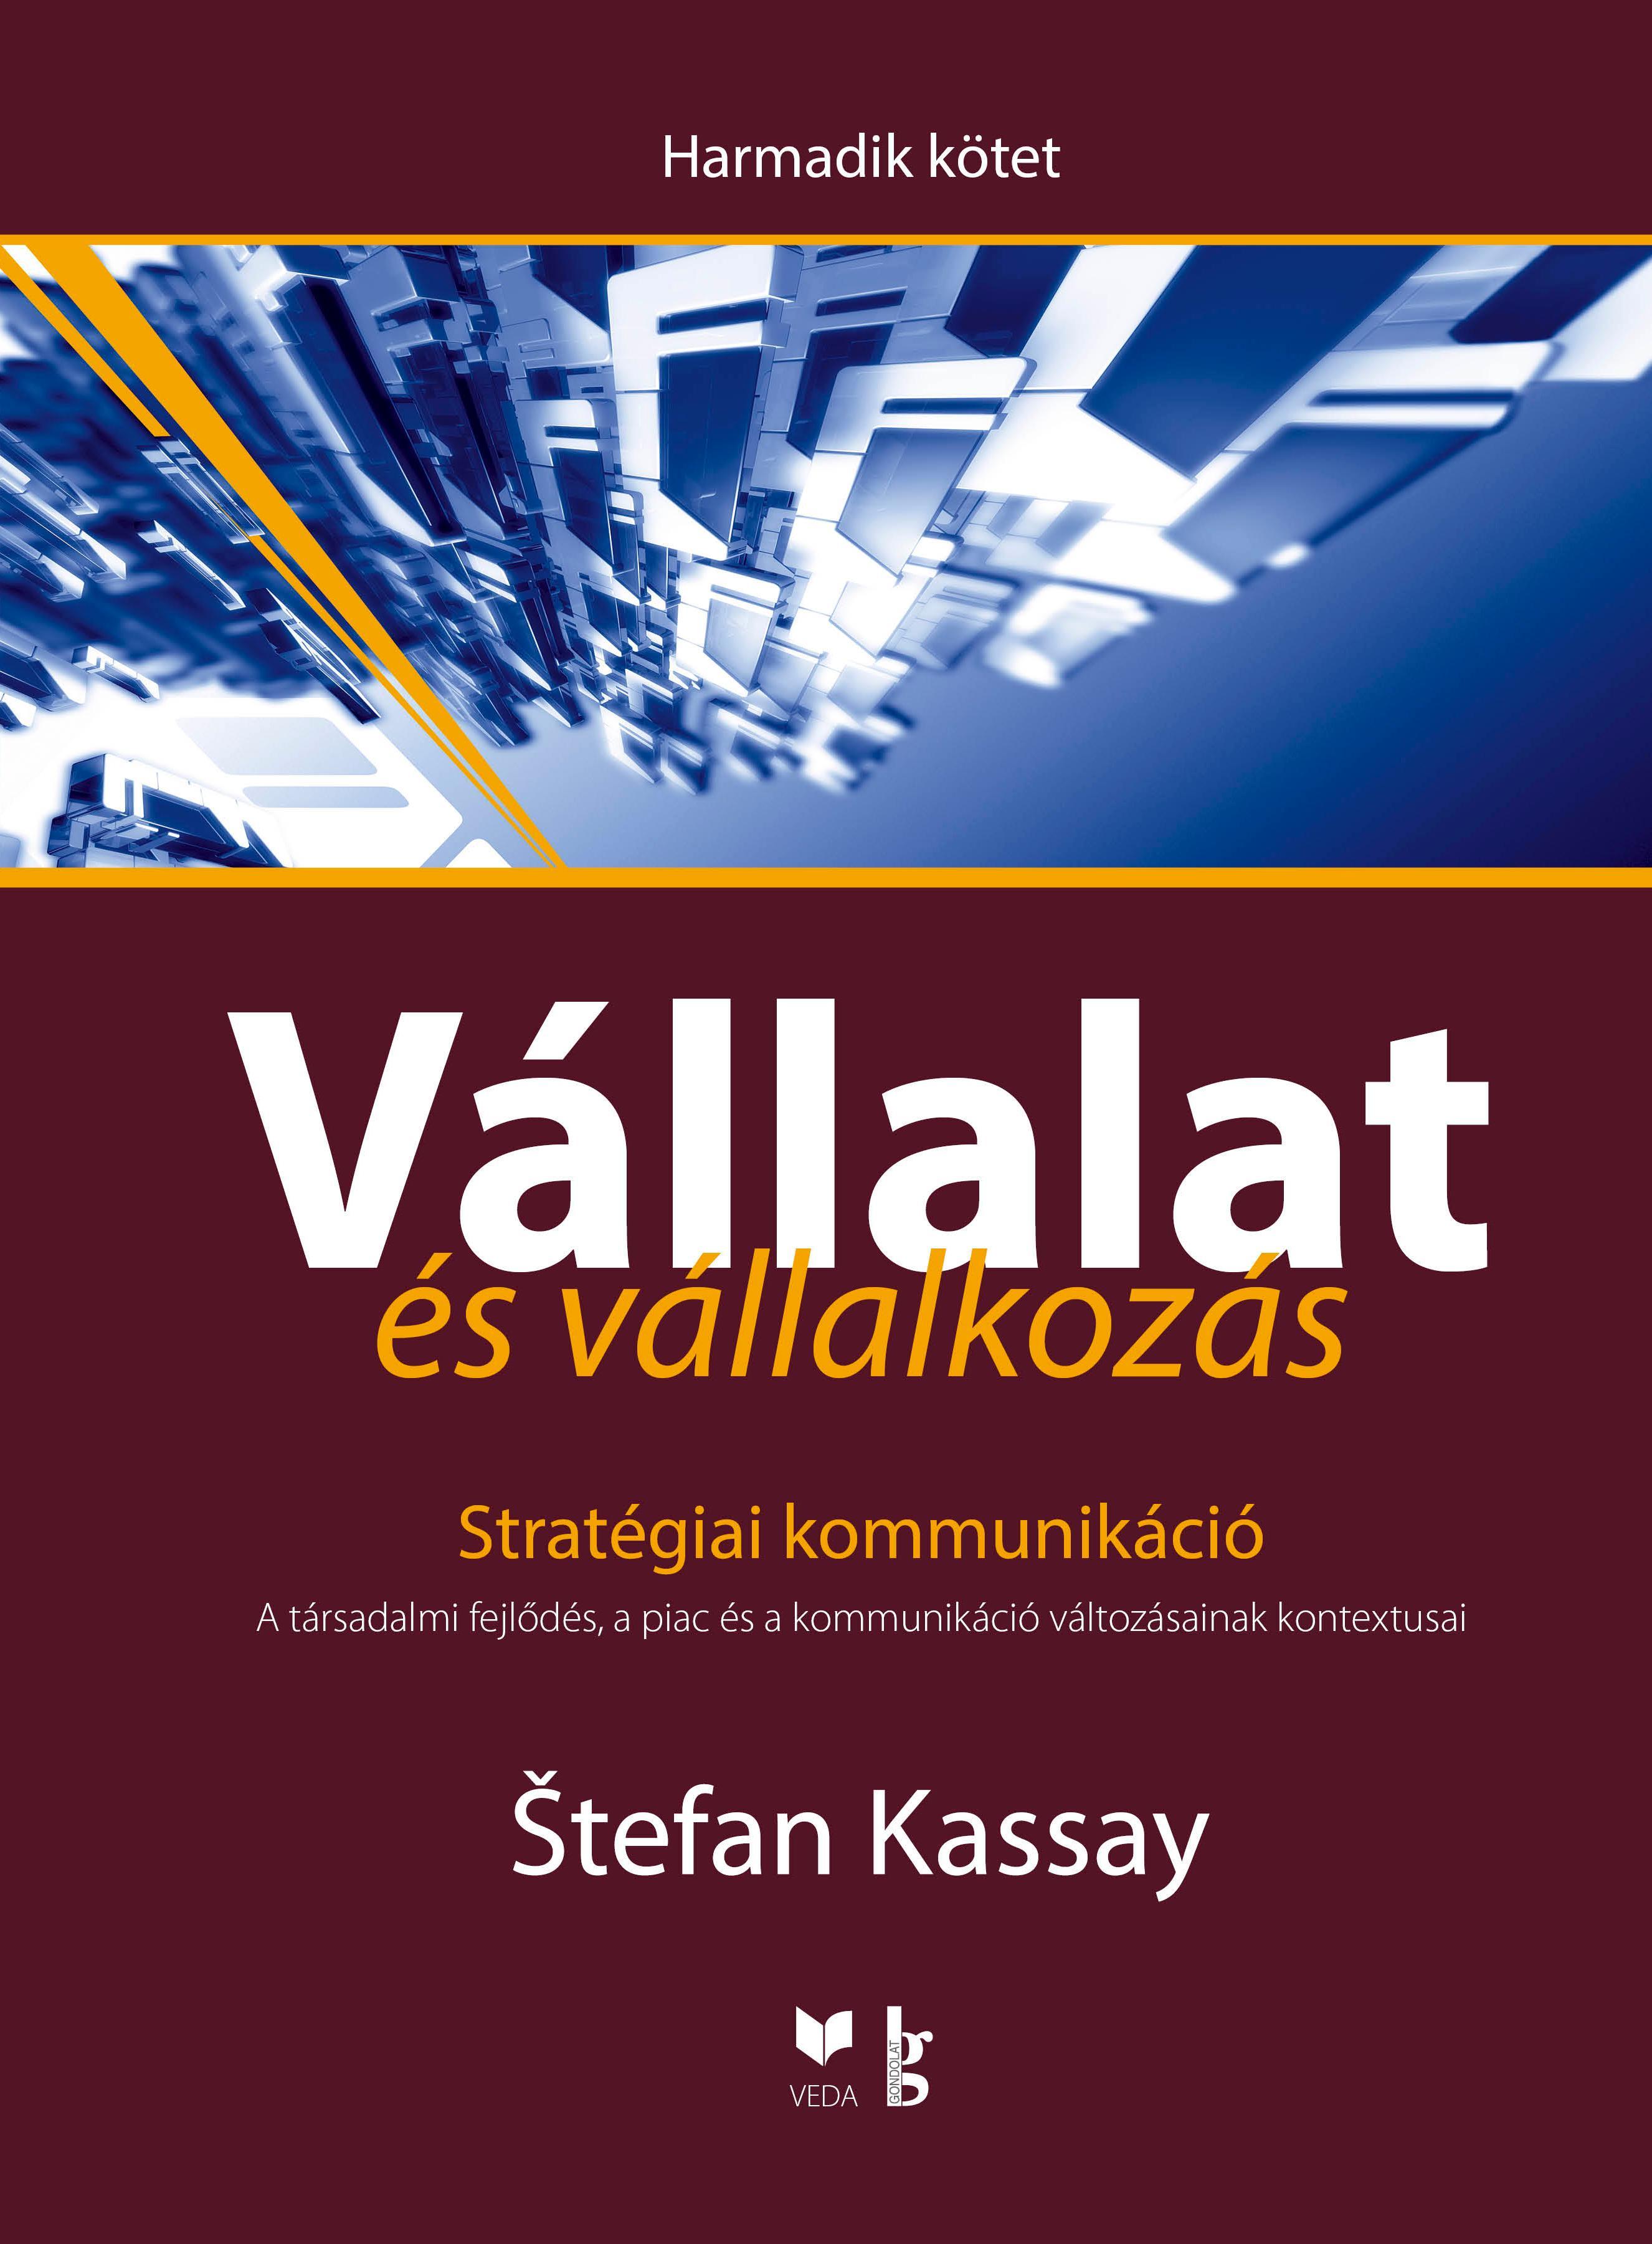 VÁLLALAT ÉS VÁLLALKOZÁS III. - STRATÉGIAI KOMMUNIKÁCIÓ